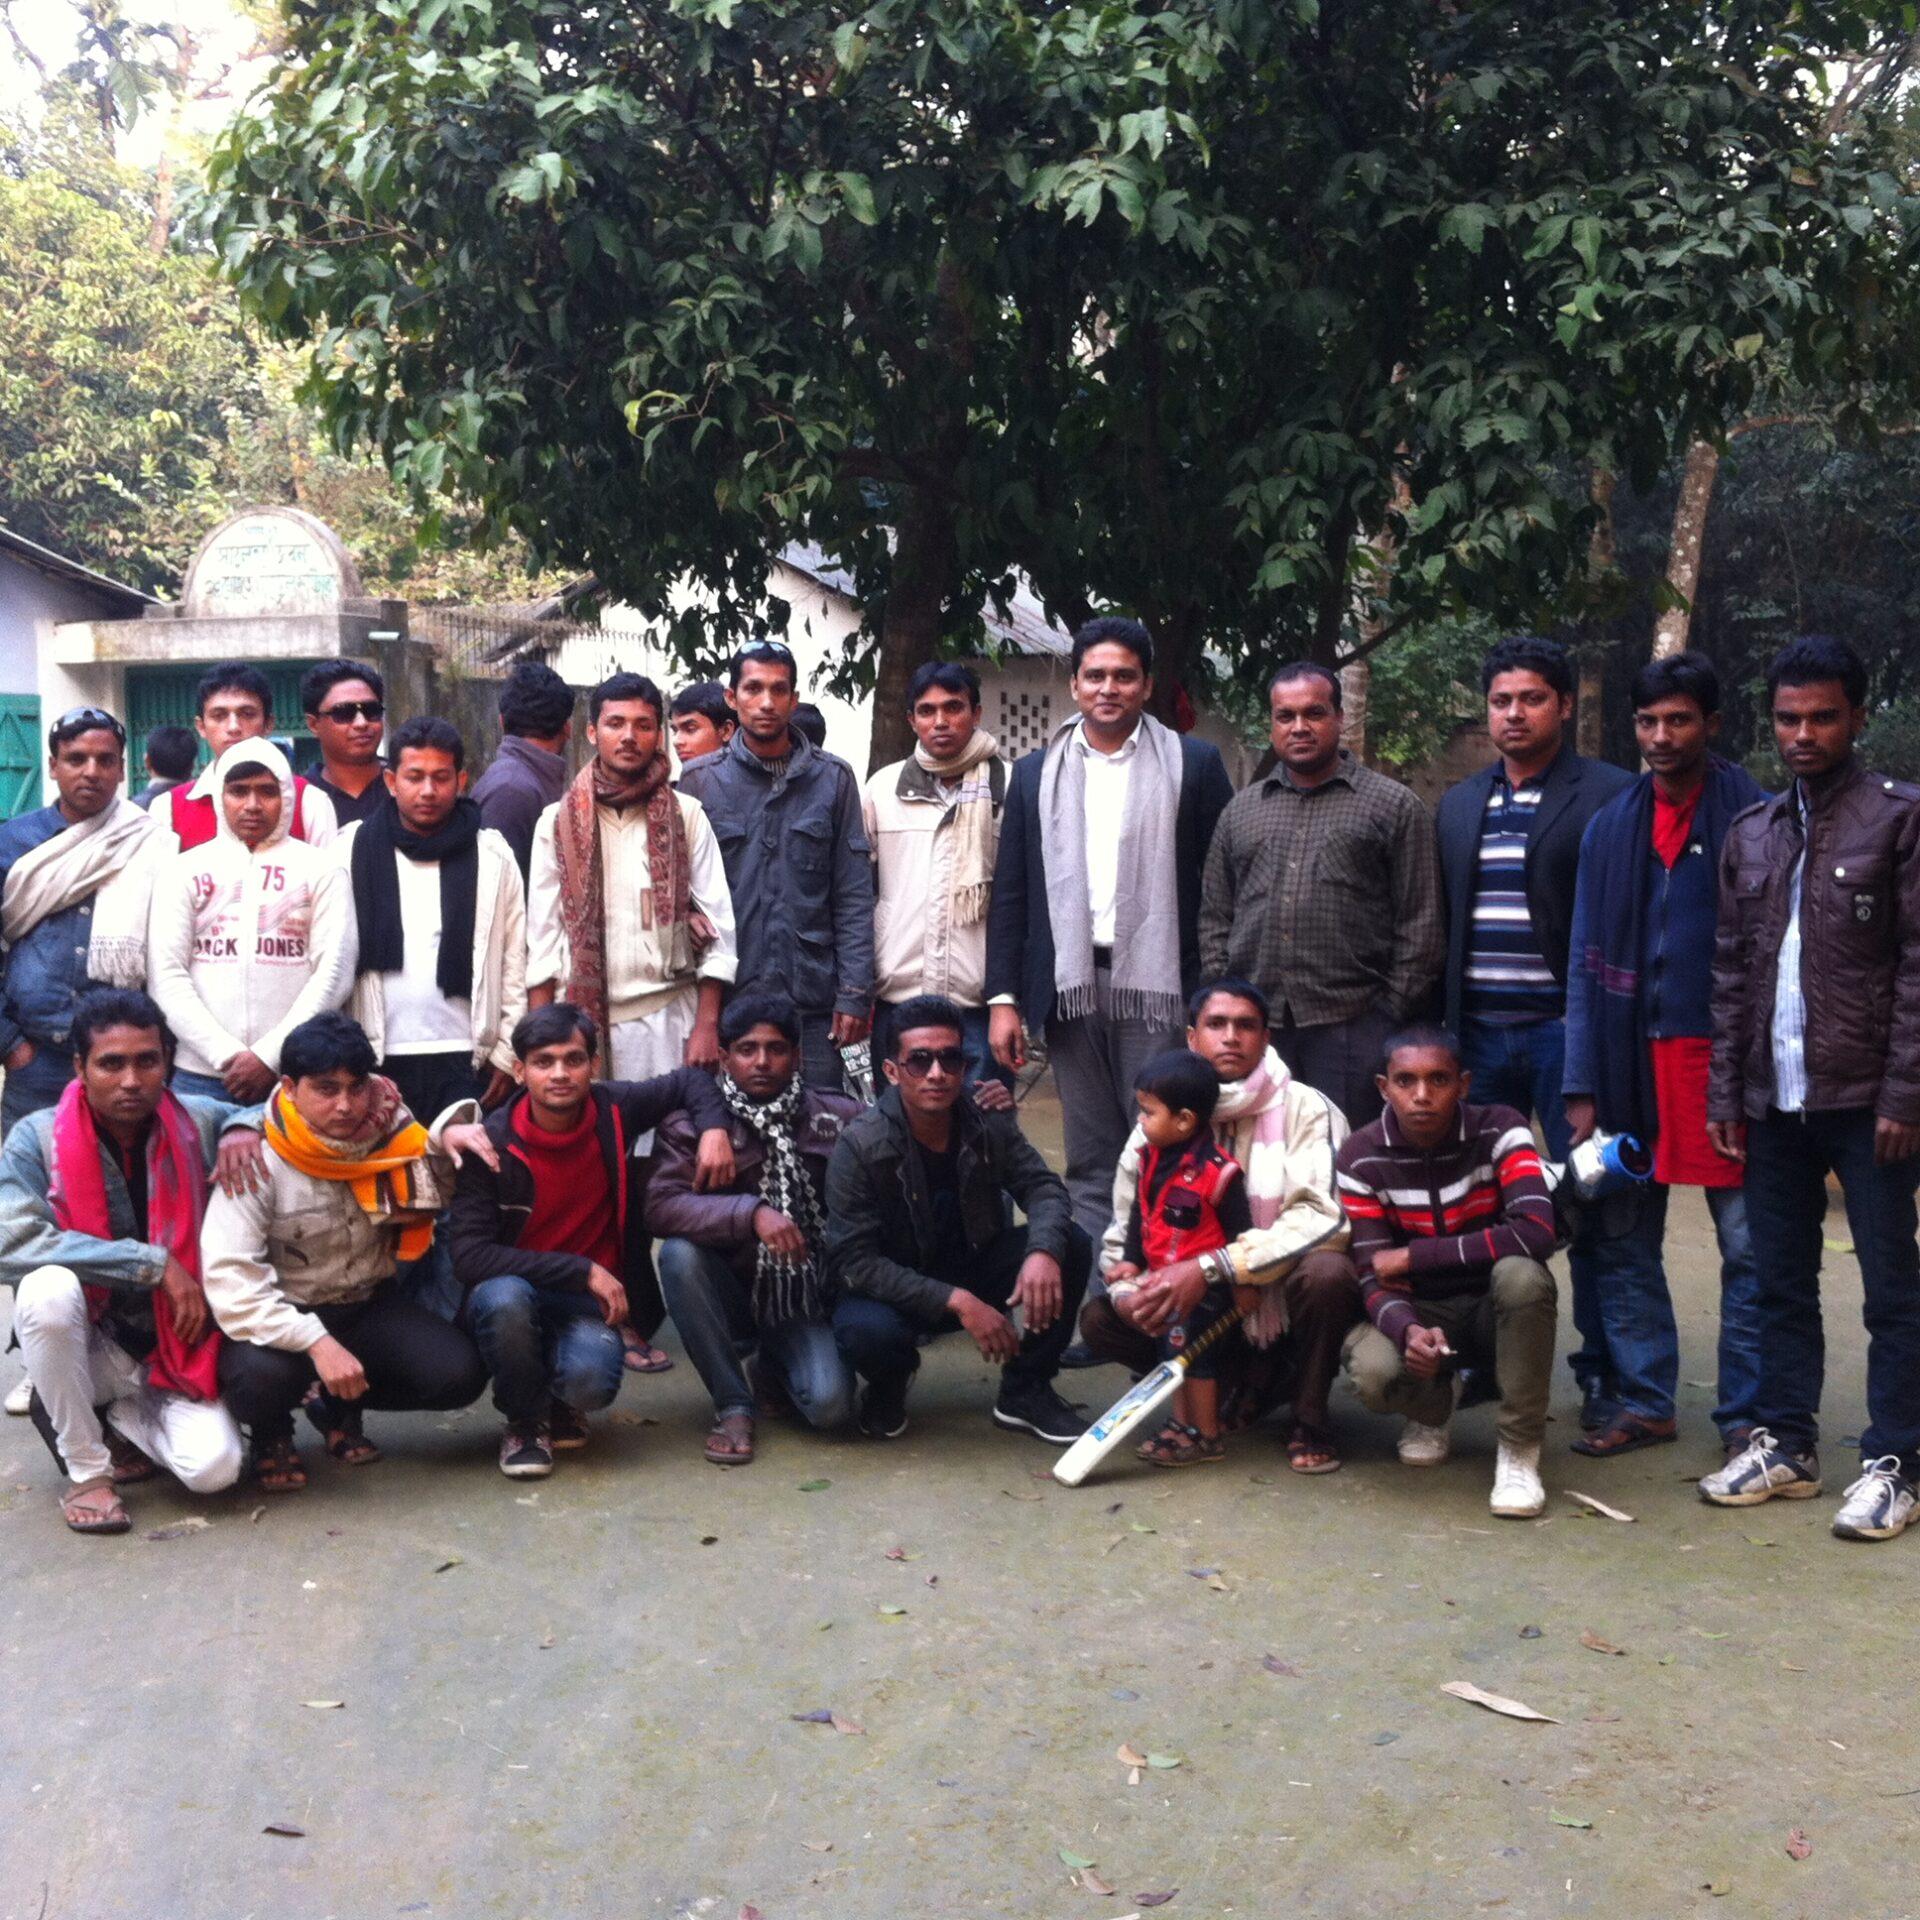 দশম জাতিয় সংসদ নির্বাচন - চাঁদপুর ইউনিয়নের, রামচন্দ্রপুর গ্রামের কর্মীদের সাথে | 10th National Campaign- with workers of Ramchandrapur Village of Chandpur Union